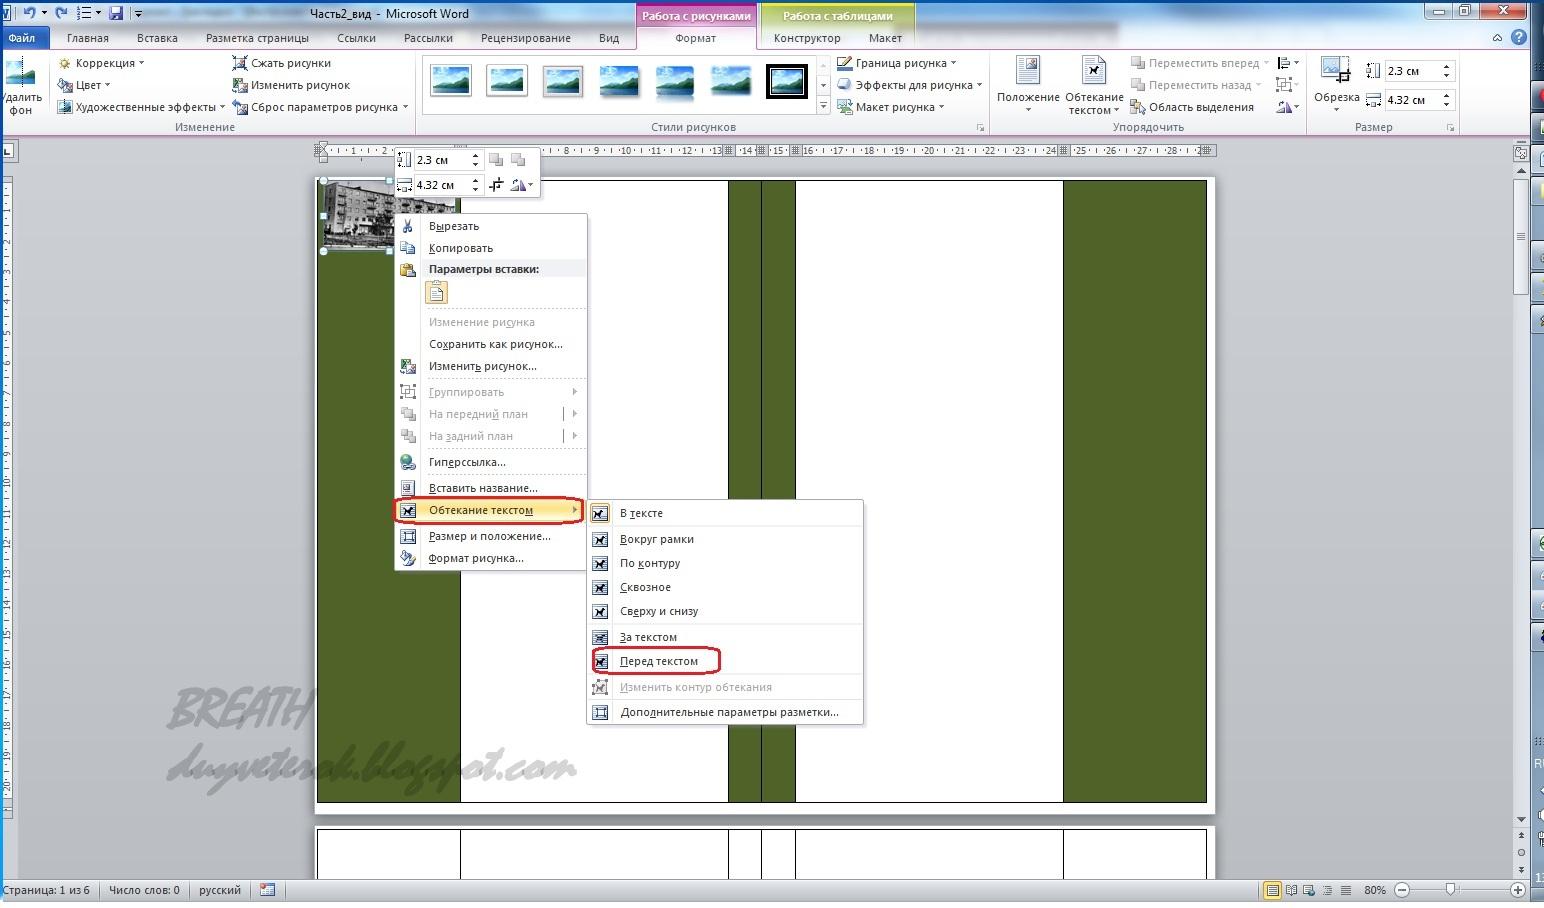 Как сделать рамку в Ворде вокруг текста (Инструкция) - Droidway 57